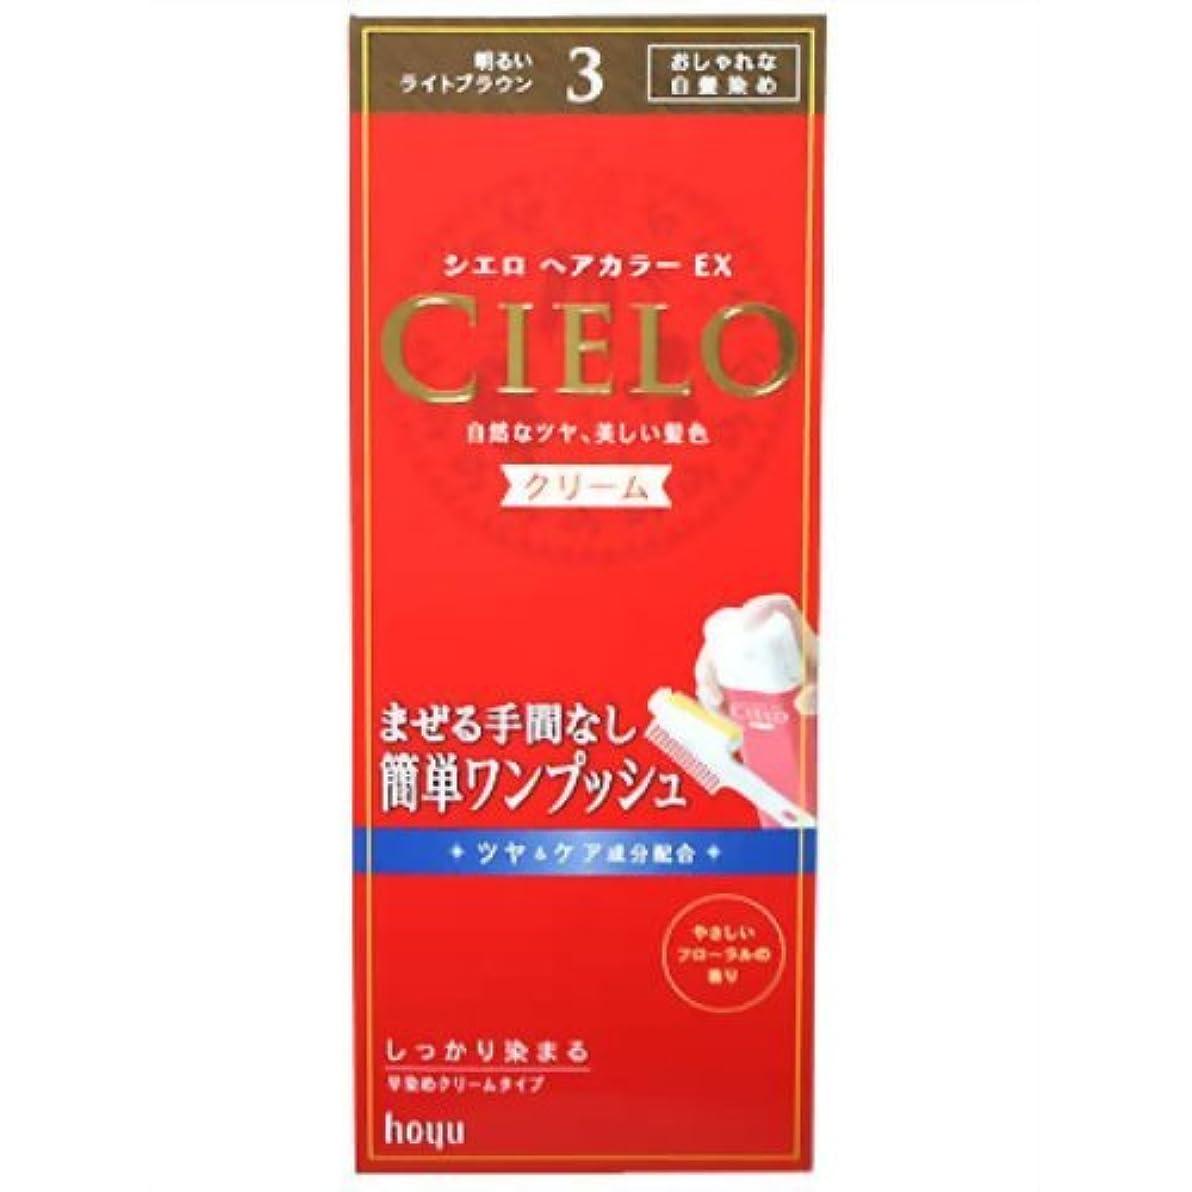 ヒギンズトーナメント組立シエロ ヘアカラ-EX クリ-ム 3 明るいライトブラウン